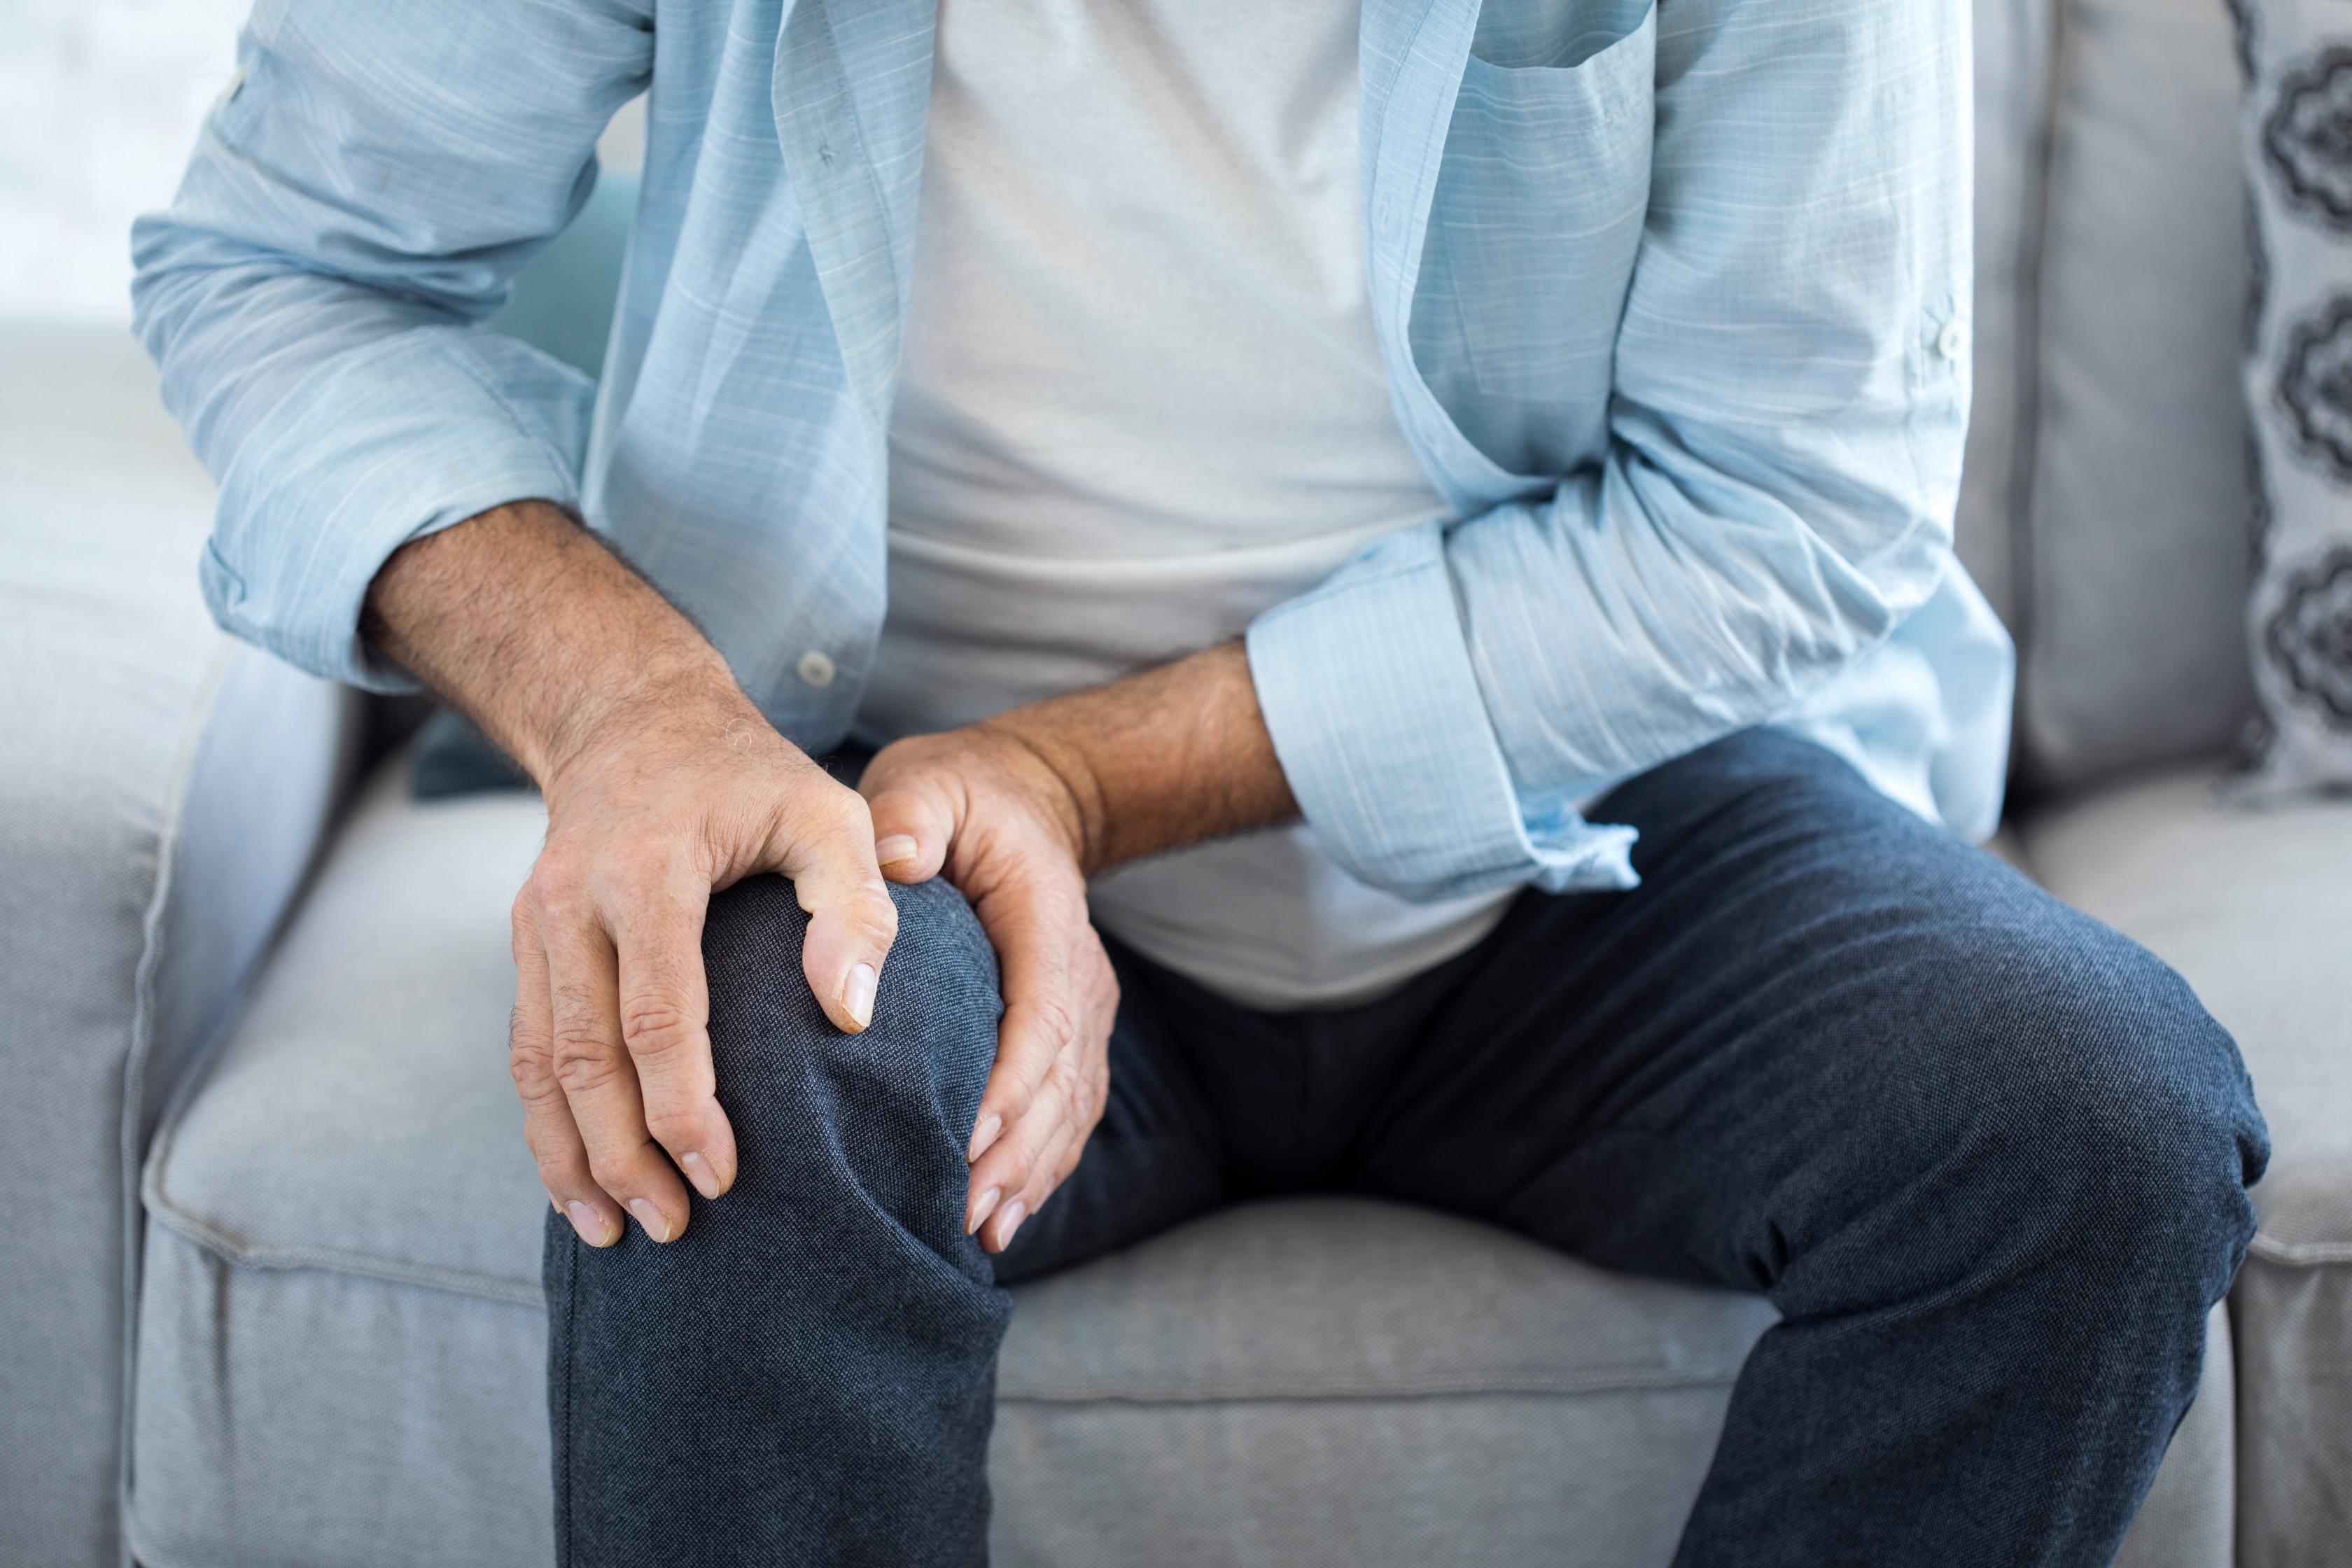 természetes gyógymód az ízületi fájdalmakhoz fájhatnak az ízületek a vitaminok miatt